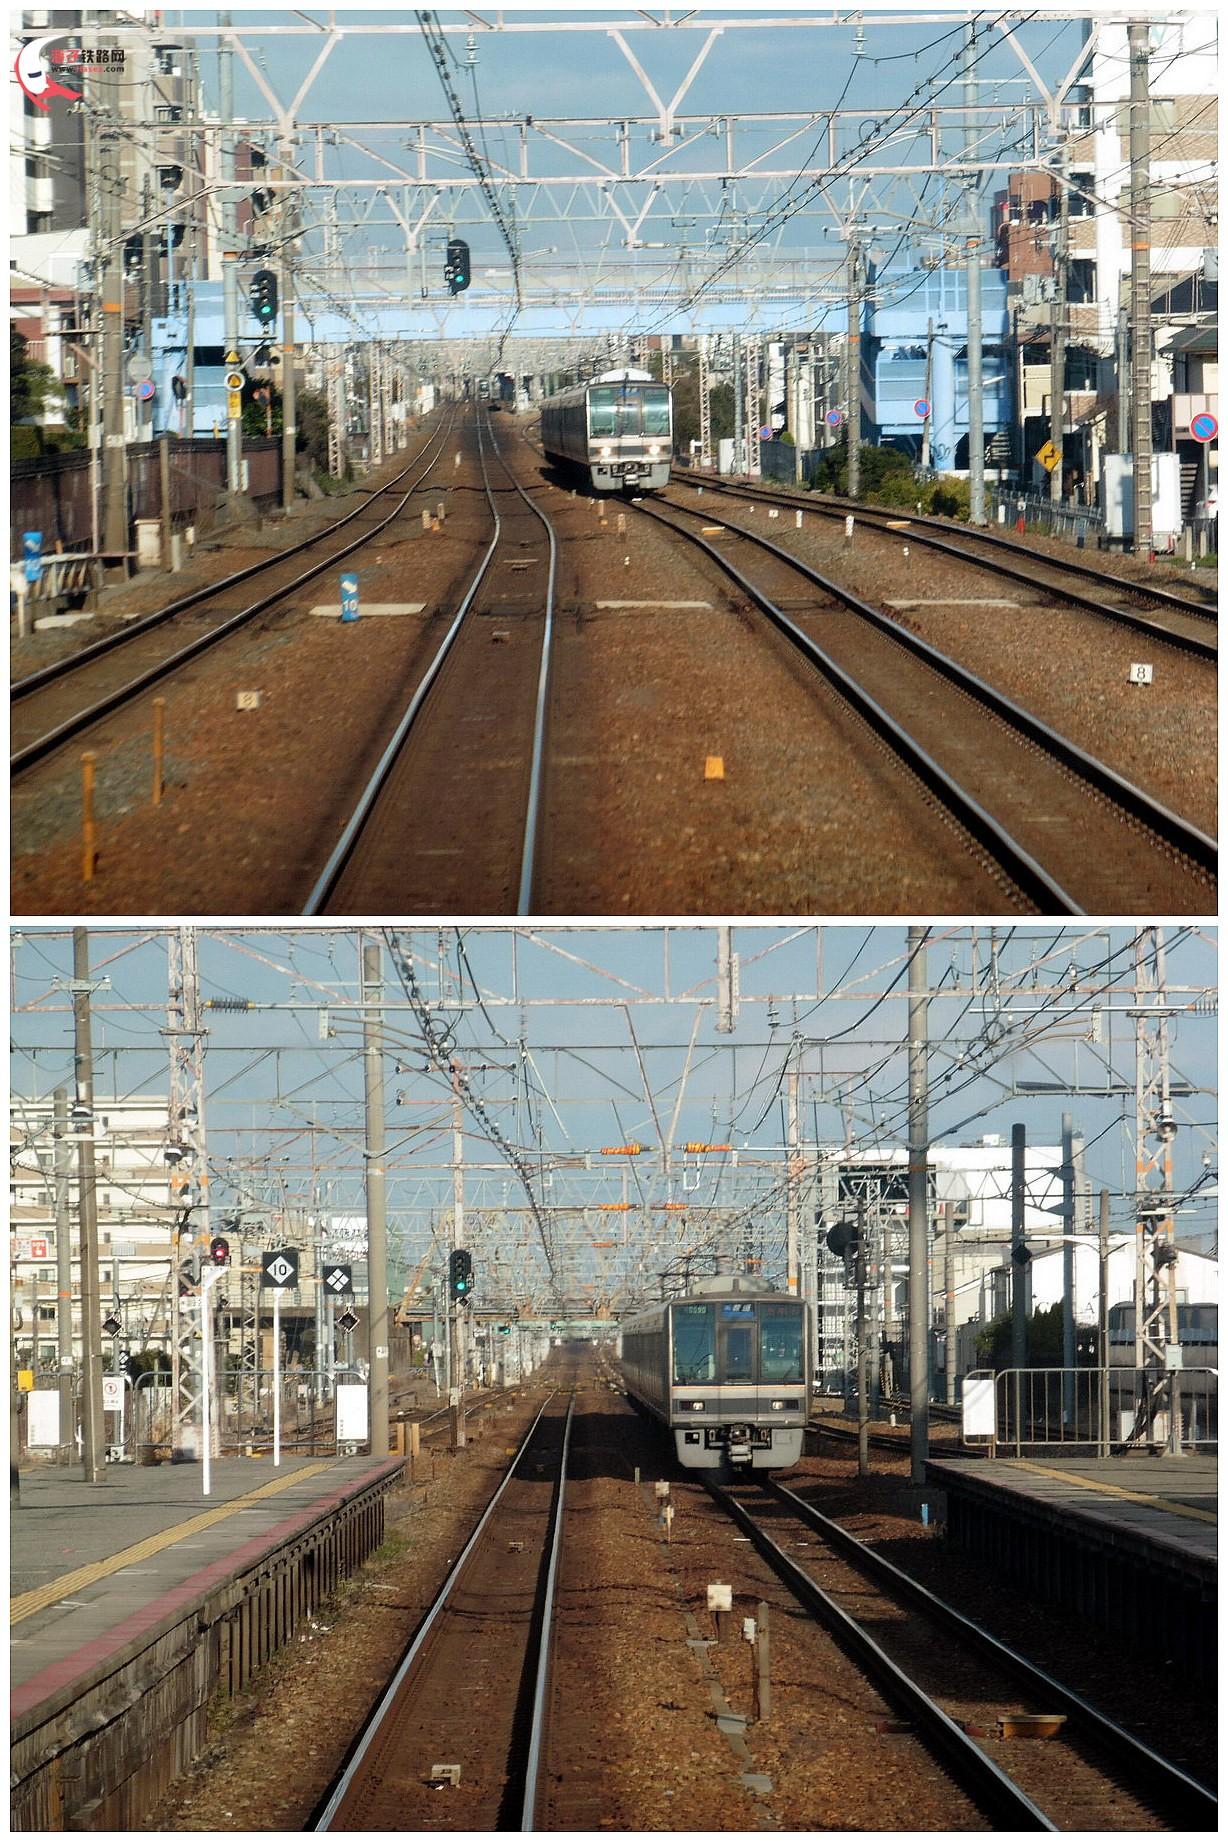 前面展望【2】--jr东海道本线【三宫--大阪】.电车go线路!